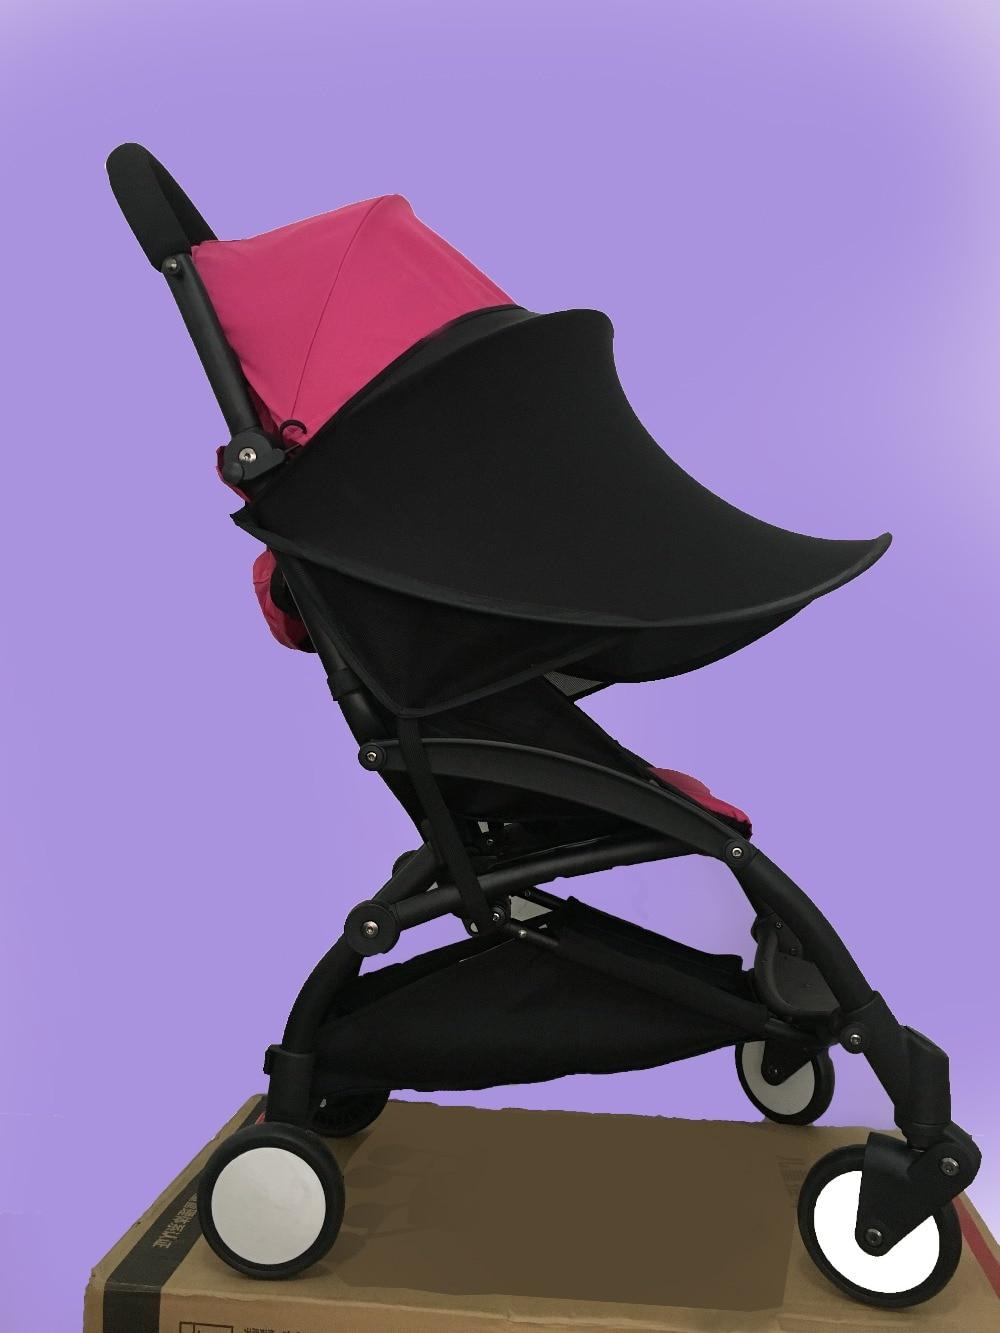 Saulėlydžio vaikiškų vežimėlių tentai Rag Shade Blocks 99% UV - Vaikų veikla ir įranga - Nuotrauka 4